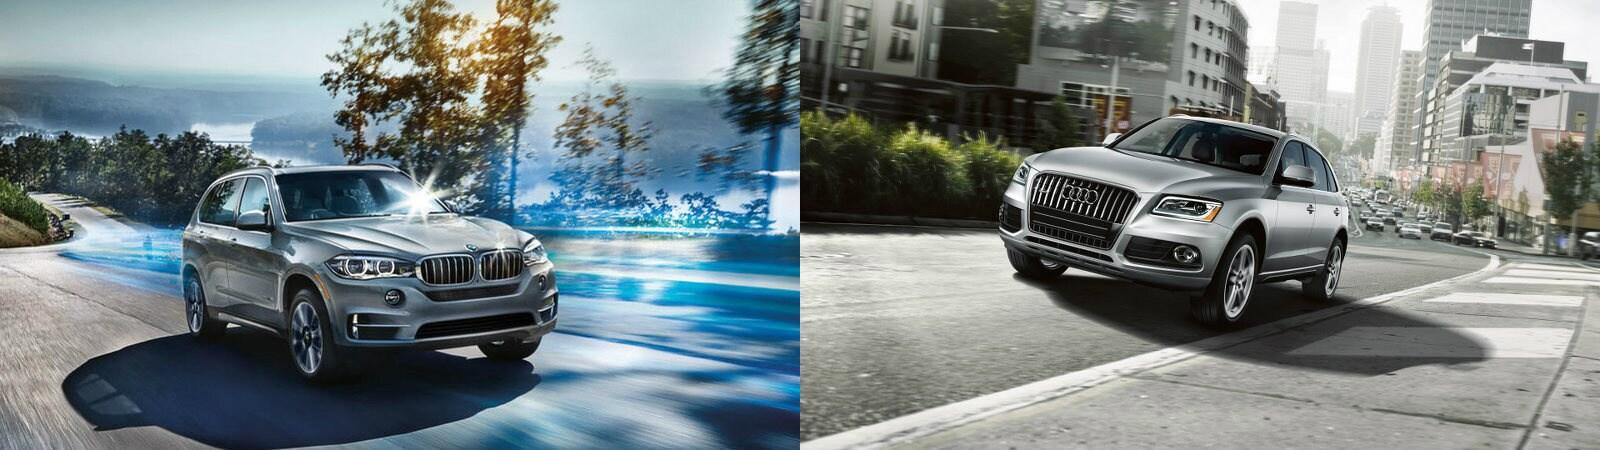 BMW X5 vs Audi Q5